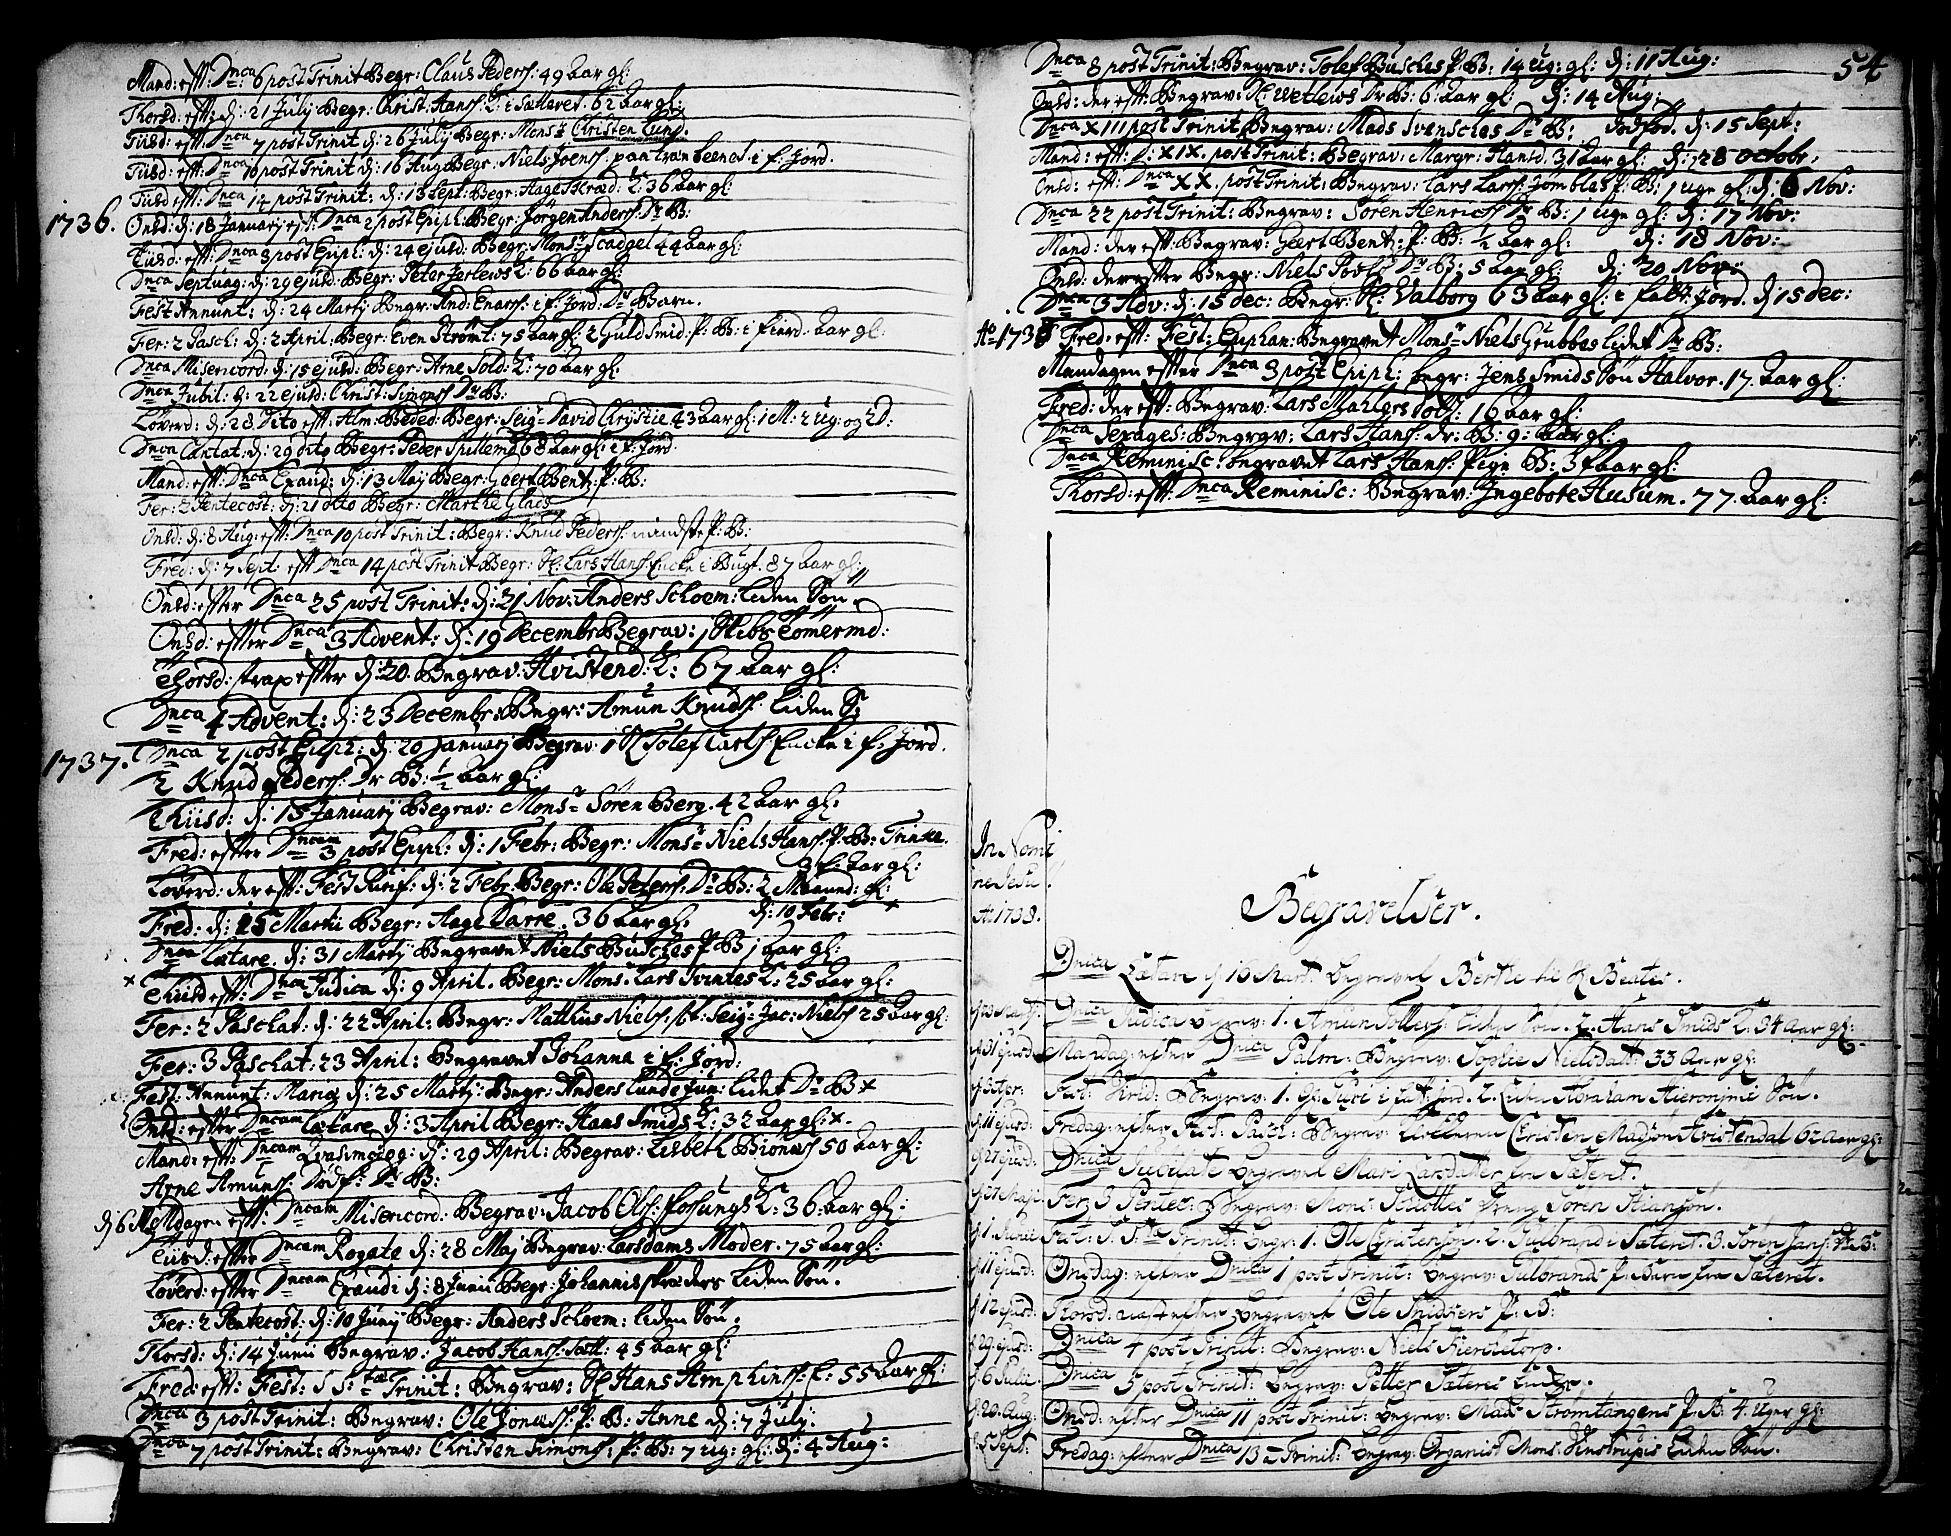 SAKO, Brevik kirkebøker, F/Fa/L0002: Ministerialbok nr. 2, 1720-1764, s. 54